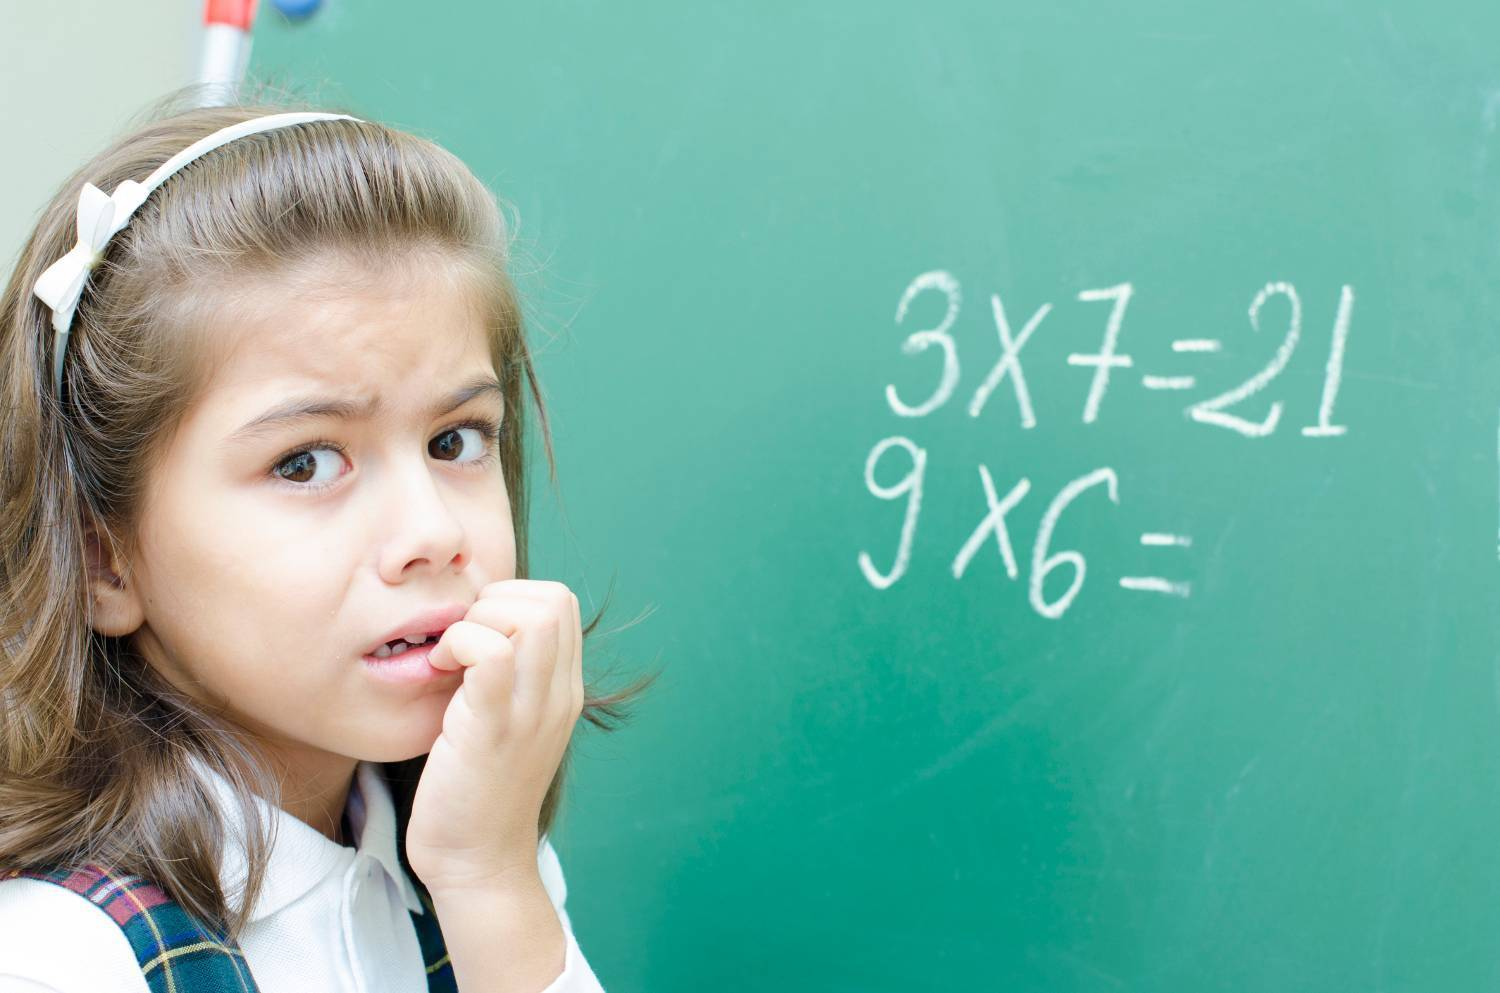 Боязнь школы и общественных мест у ребенка